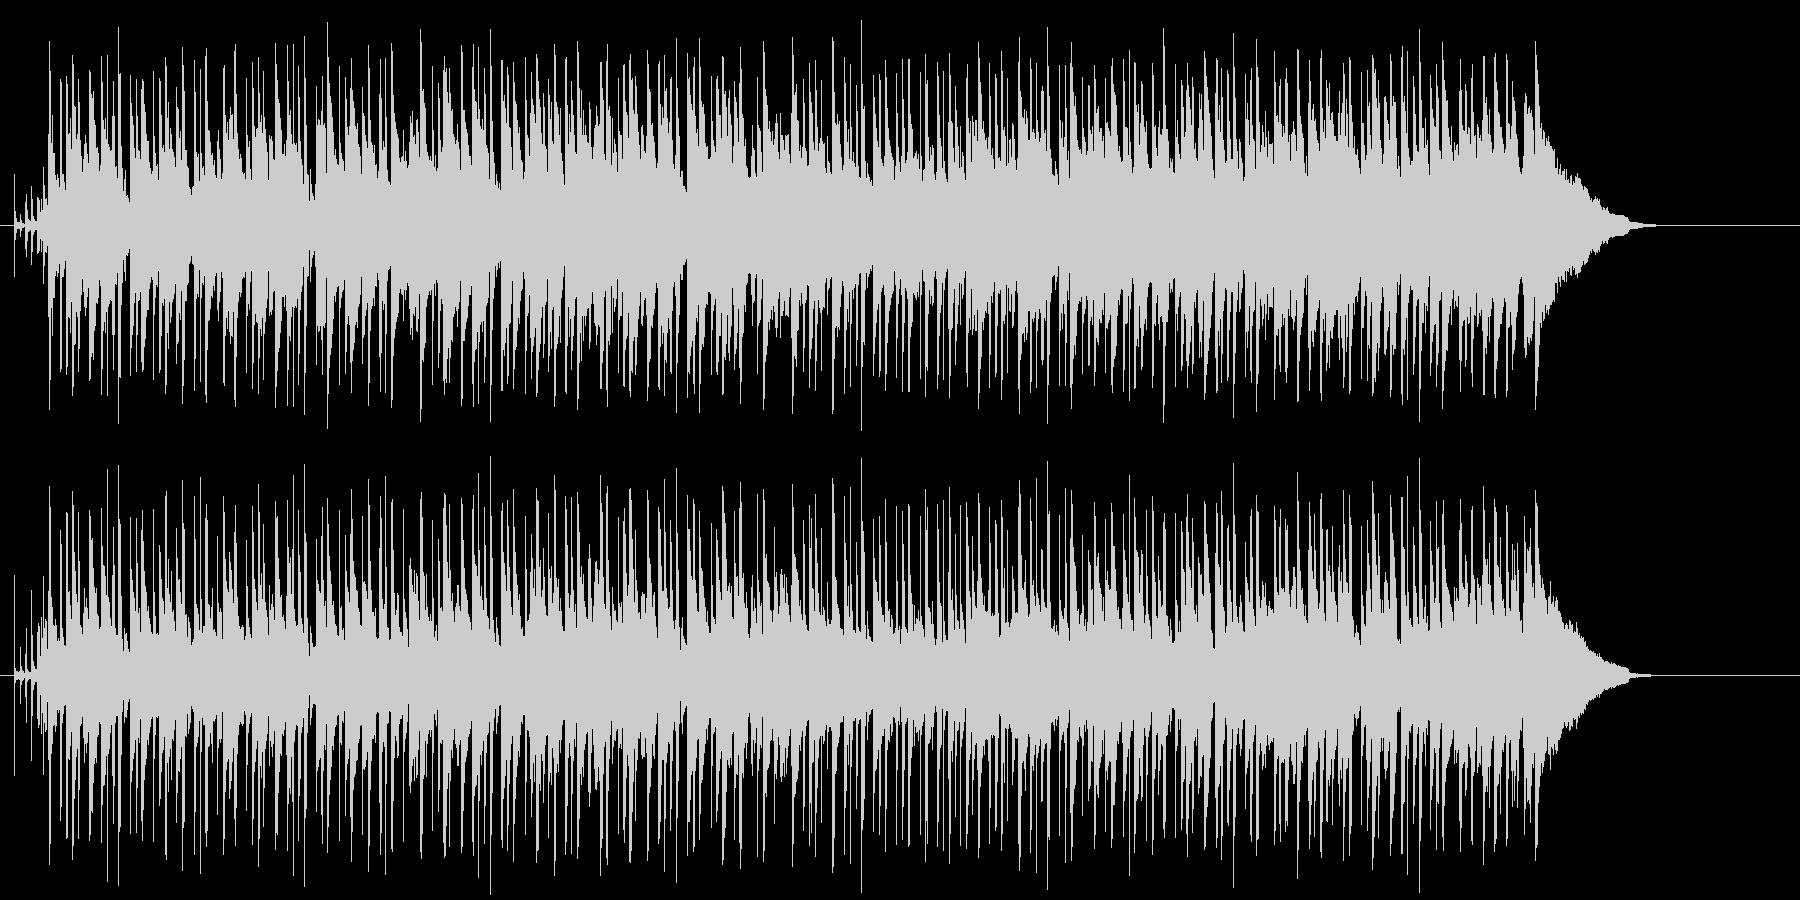 午後の楽しいひとときを過ごす様なボサノバの未再生の波形